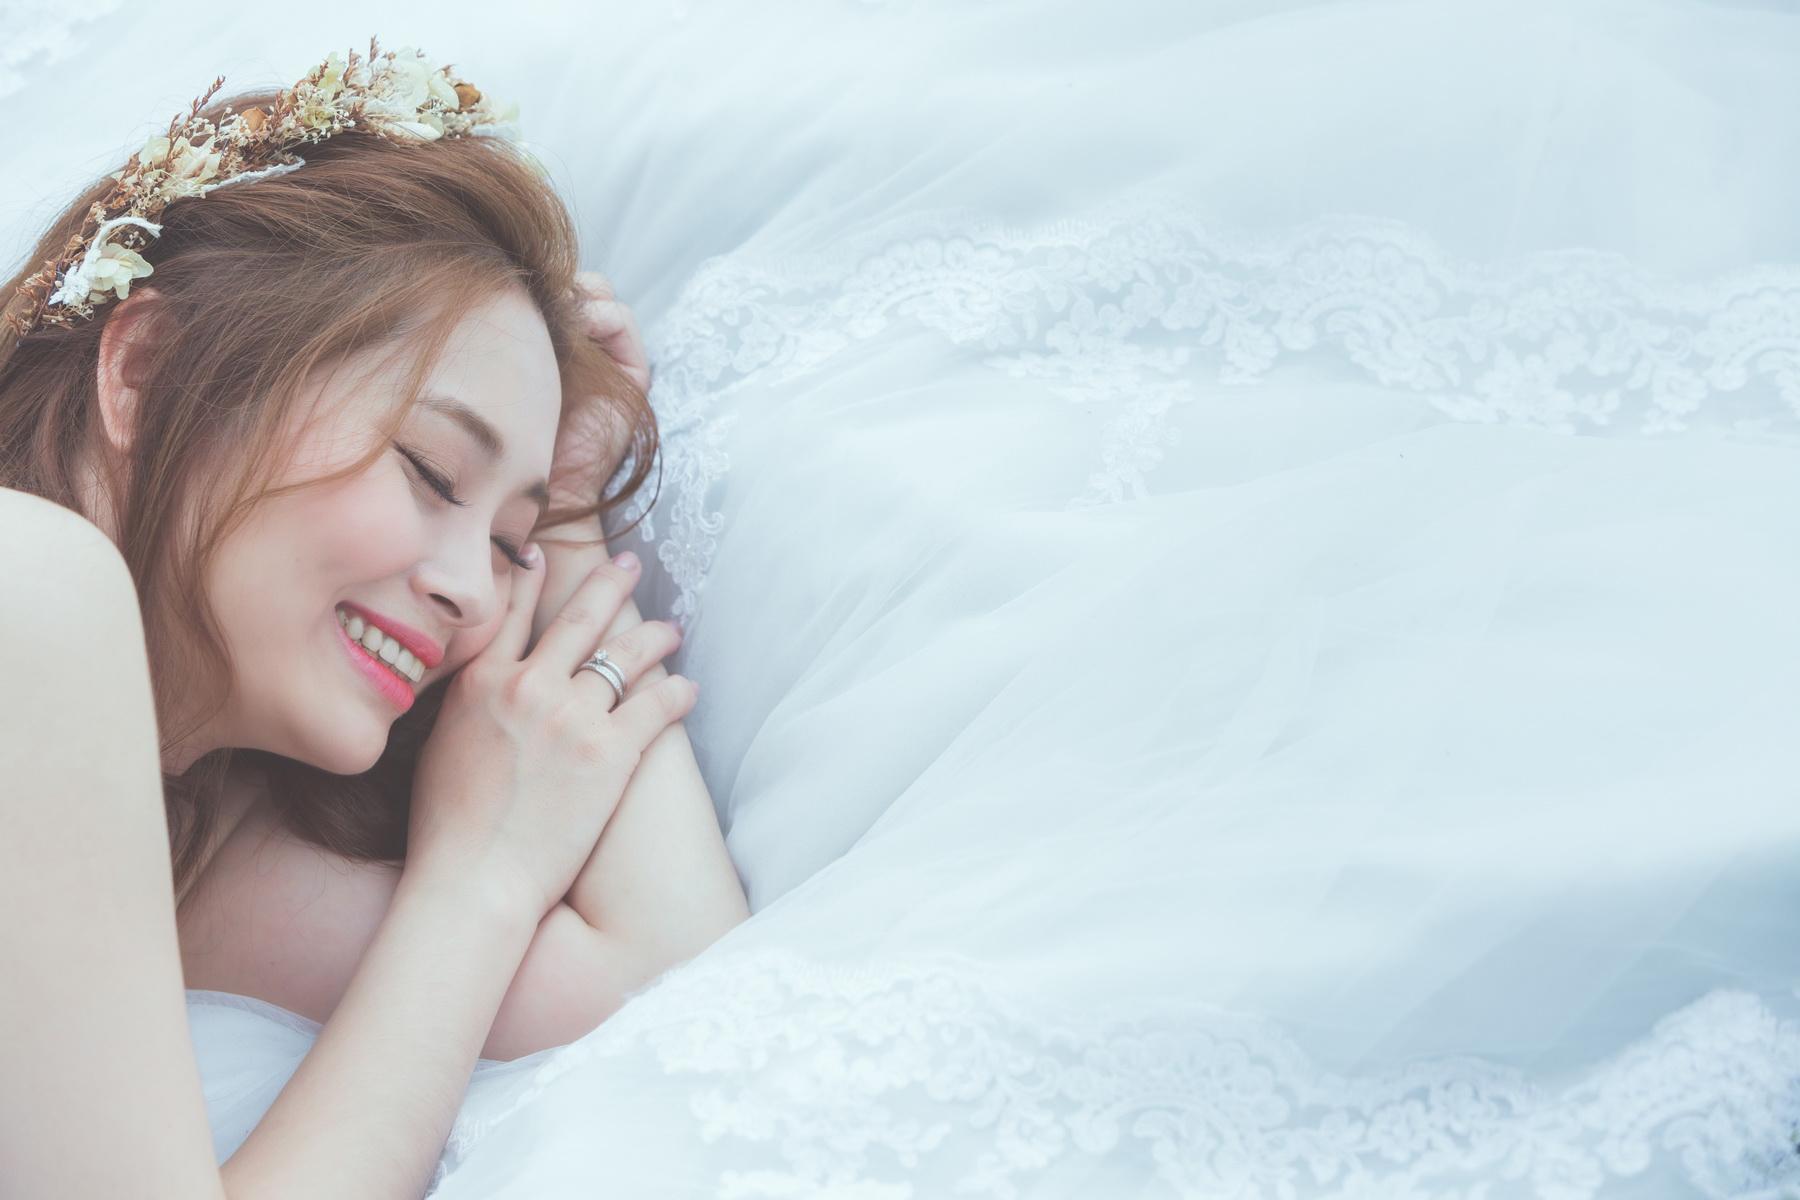 高雄法國台北婚紗 新人推薦 婚紗 最美瞬間